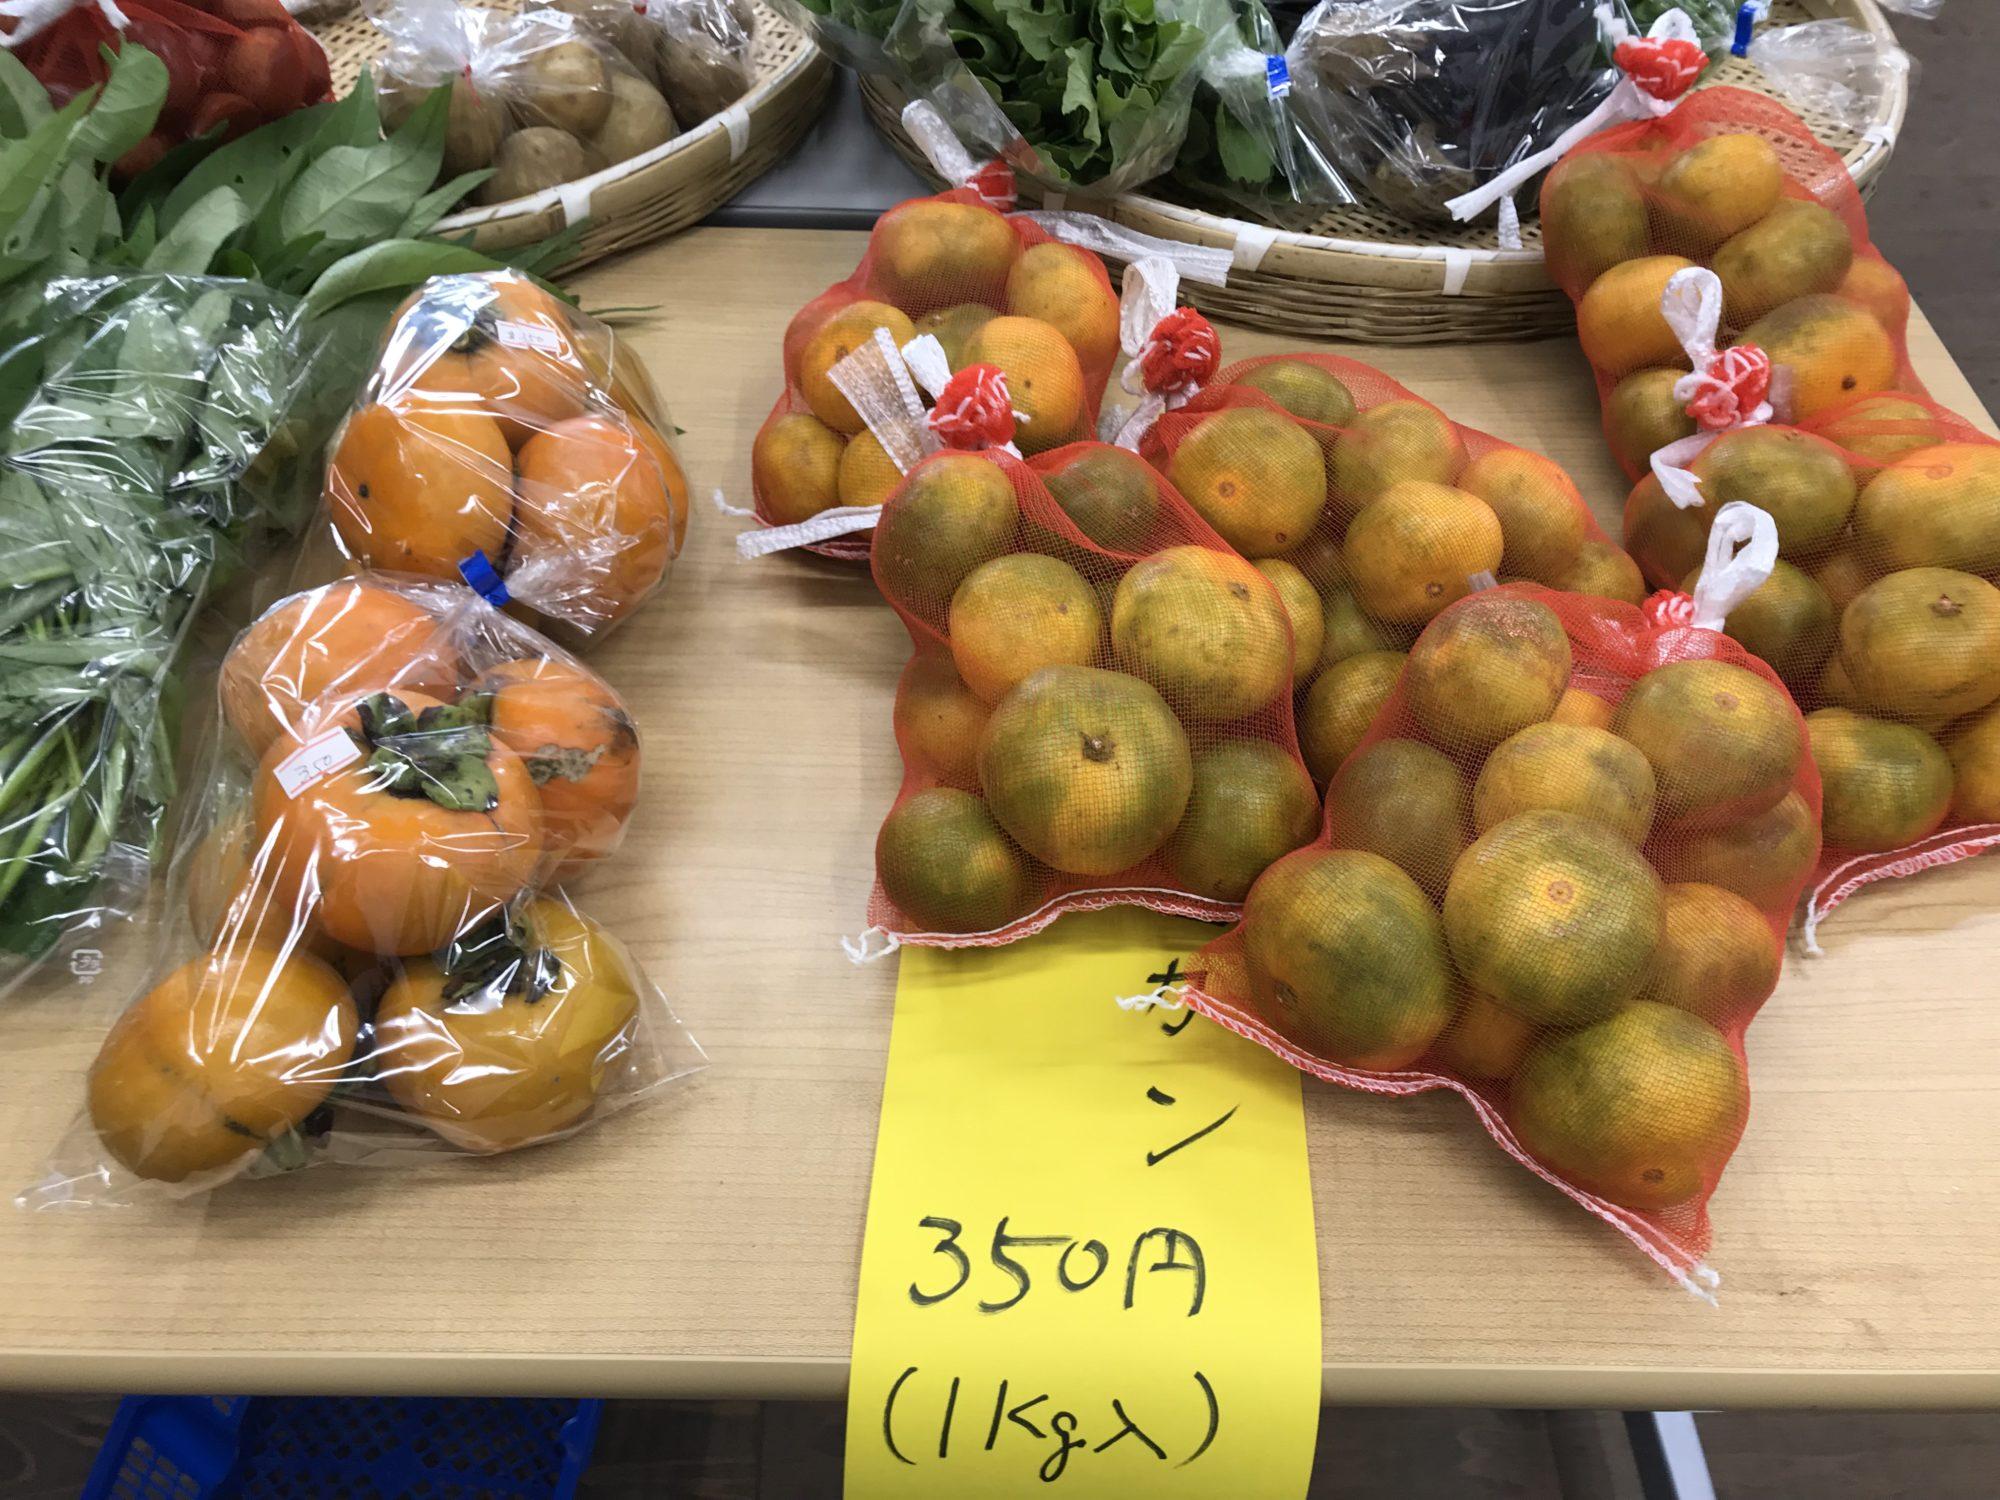 飯山白龍の館の農産物